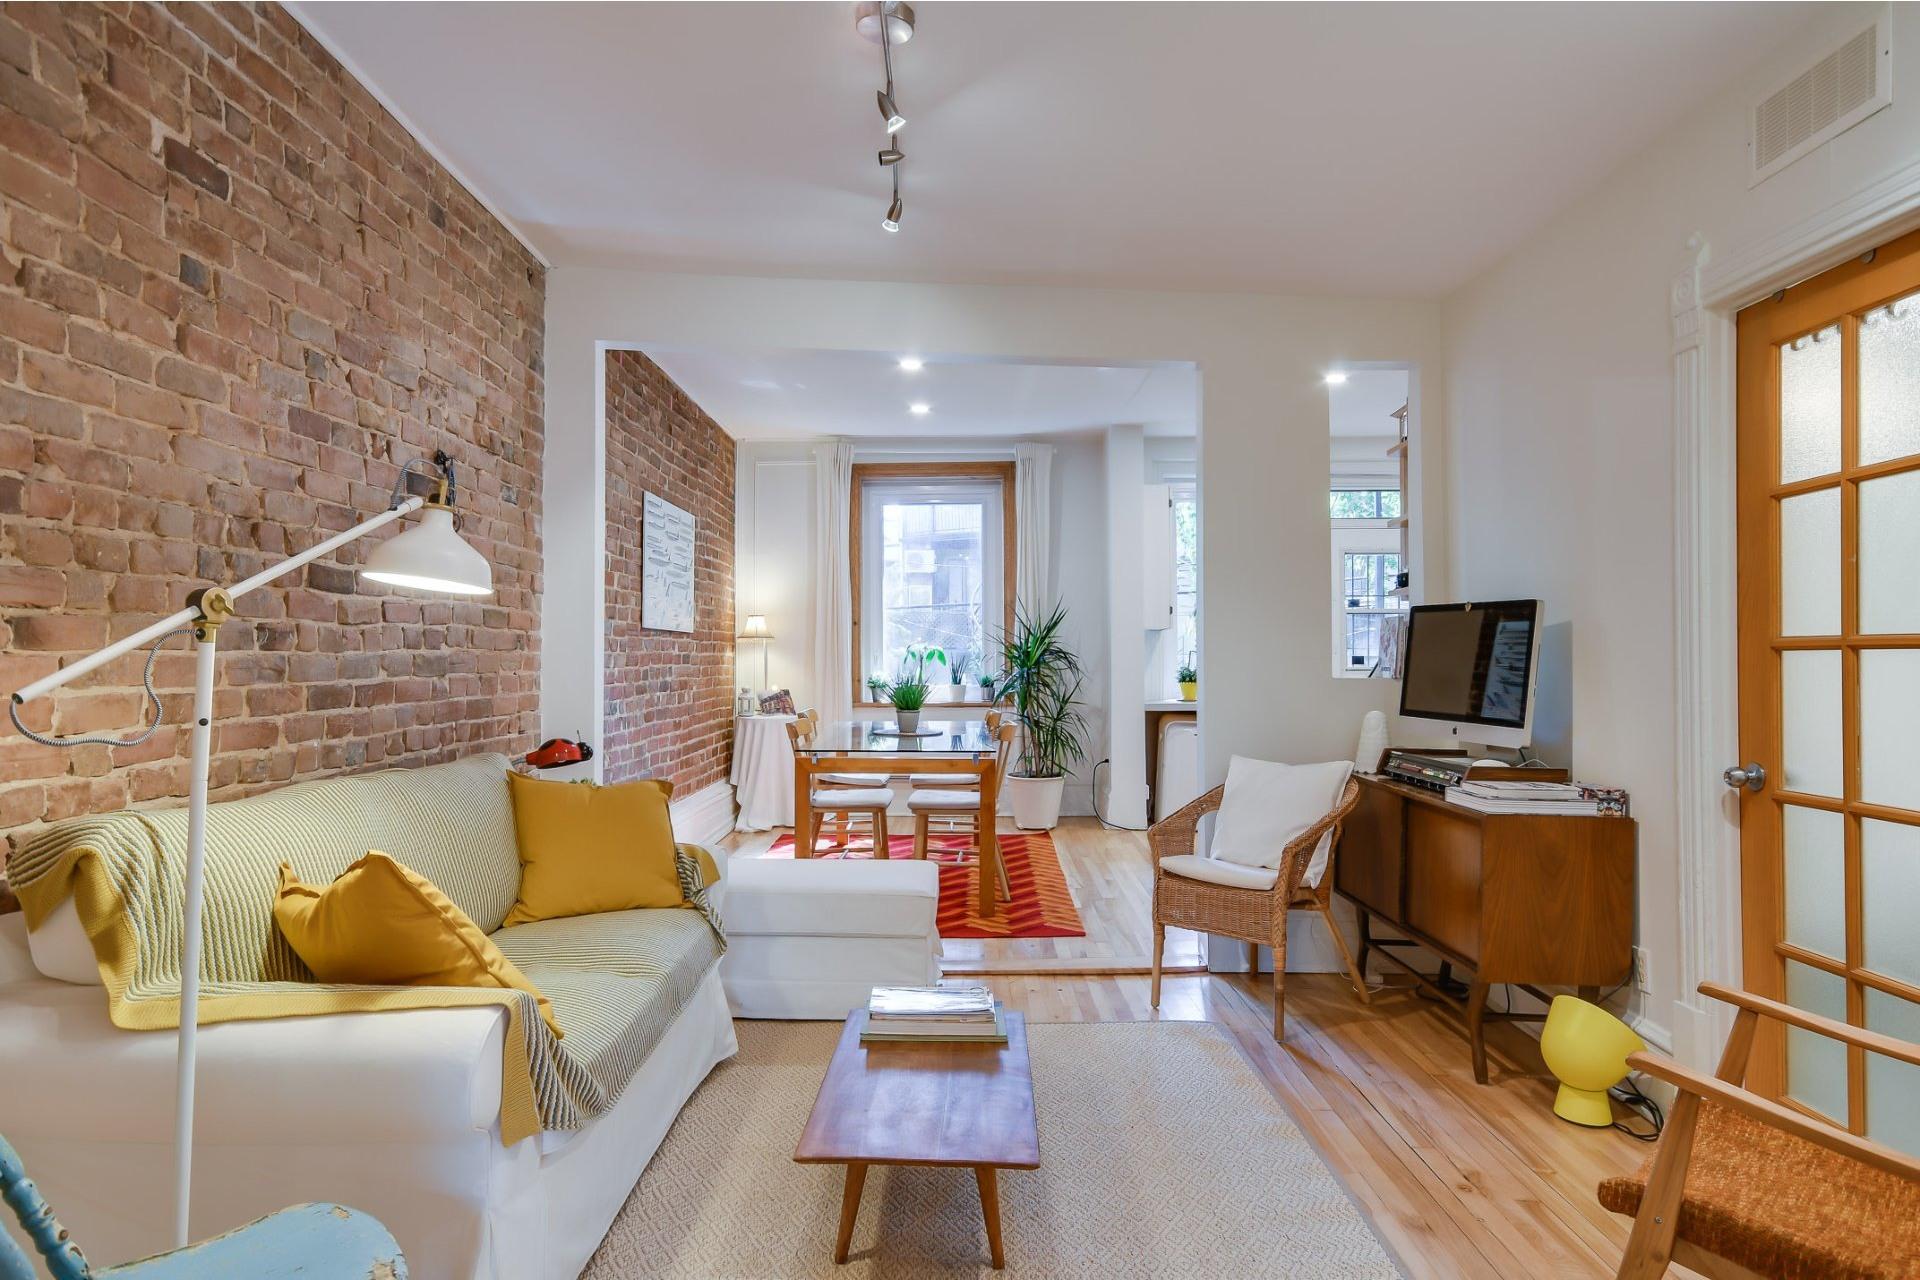 image 6 - Appartement À vendre Montréal Le Plateau-Mont-Royal  - 5 pièces